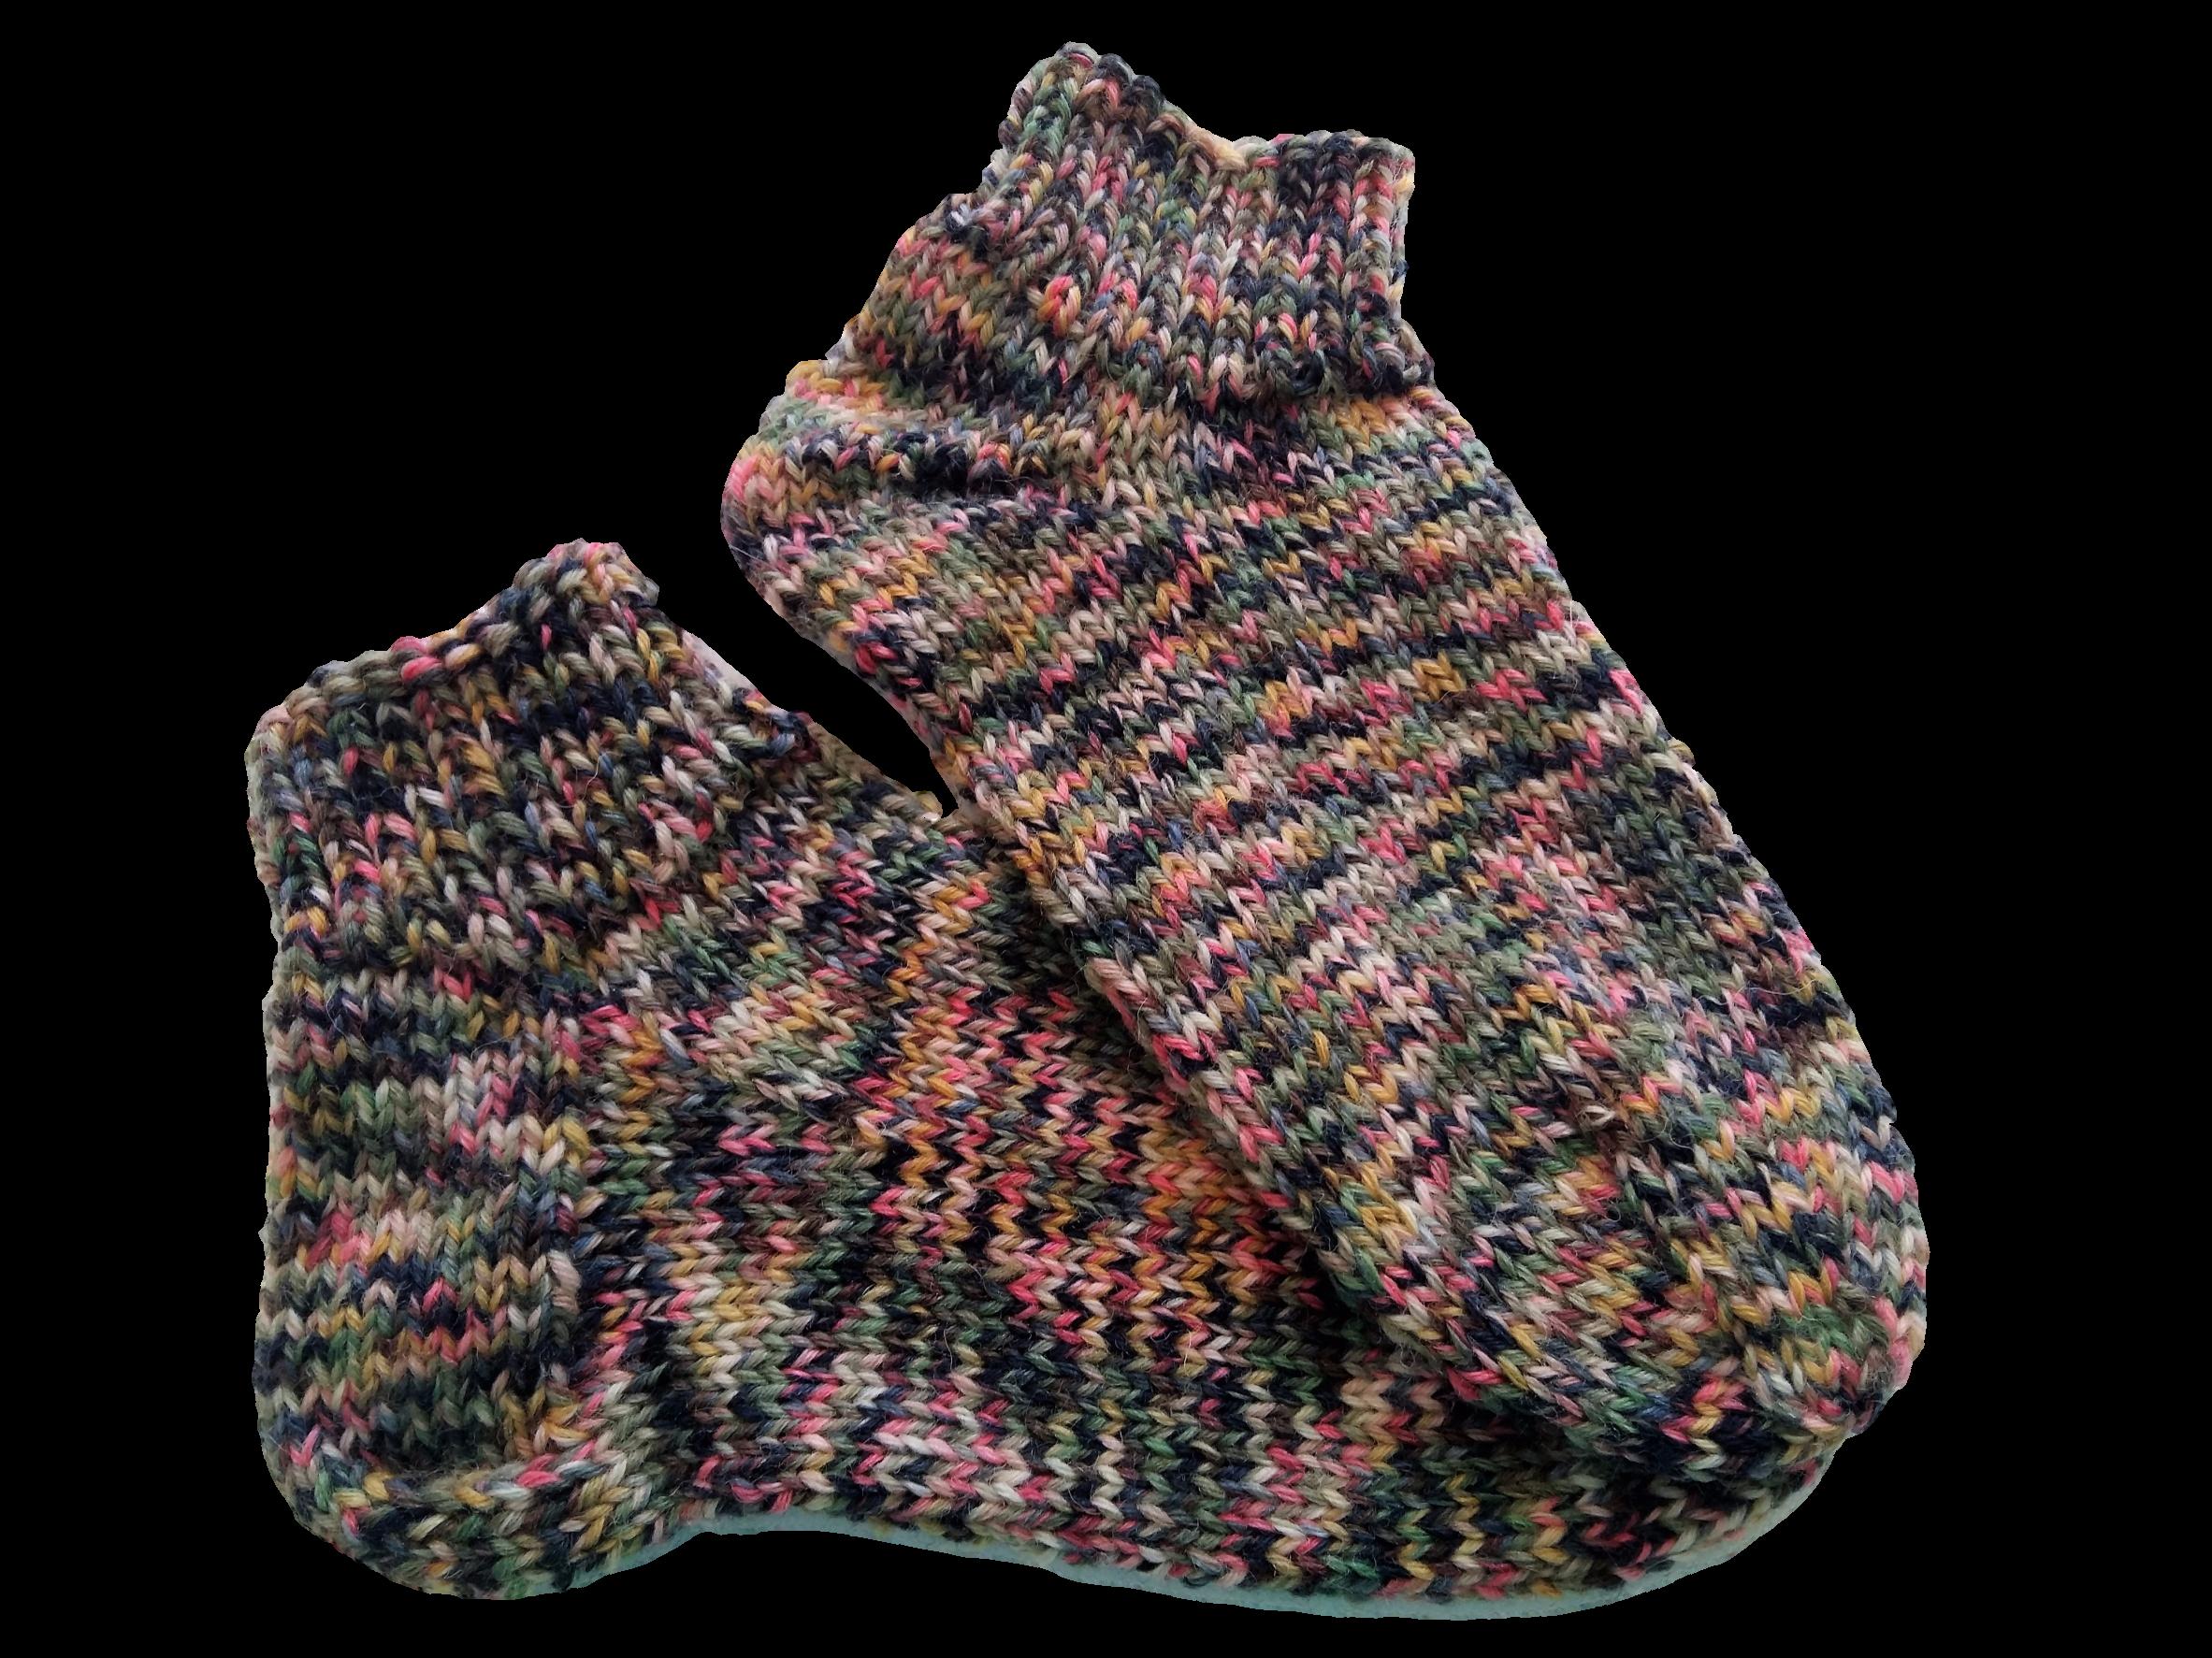 Kézzel kötött zokni egyenes és bumeráng sarokkal kötve